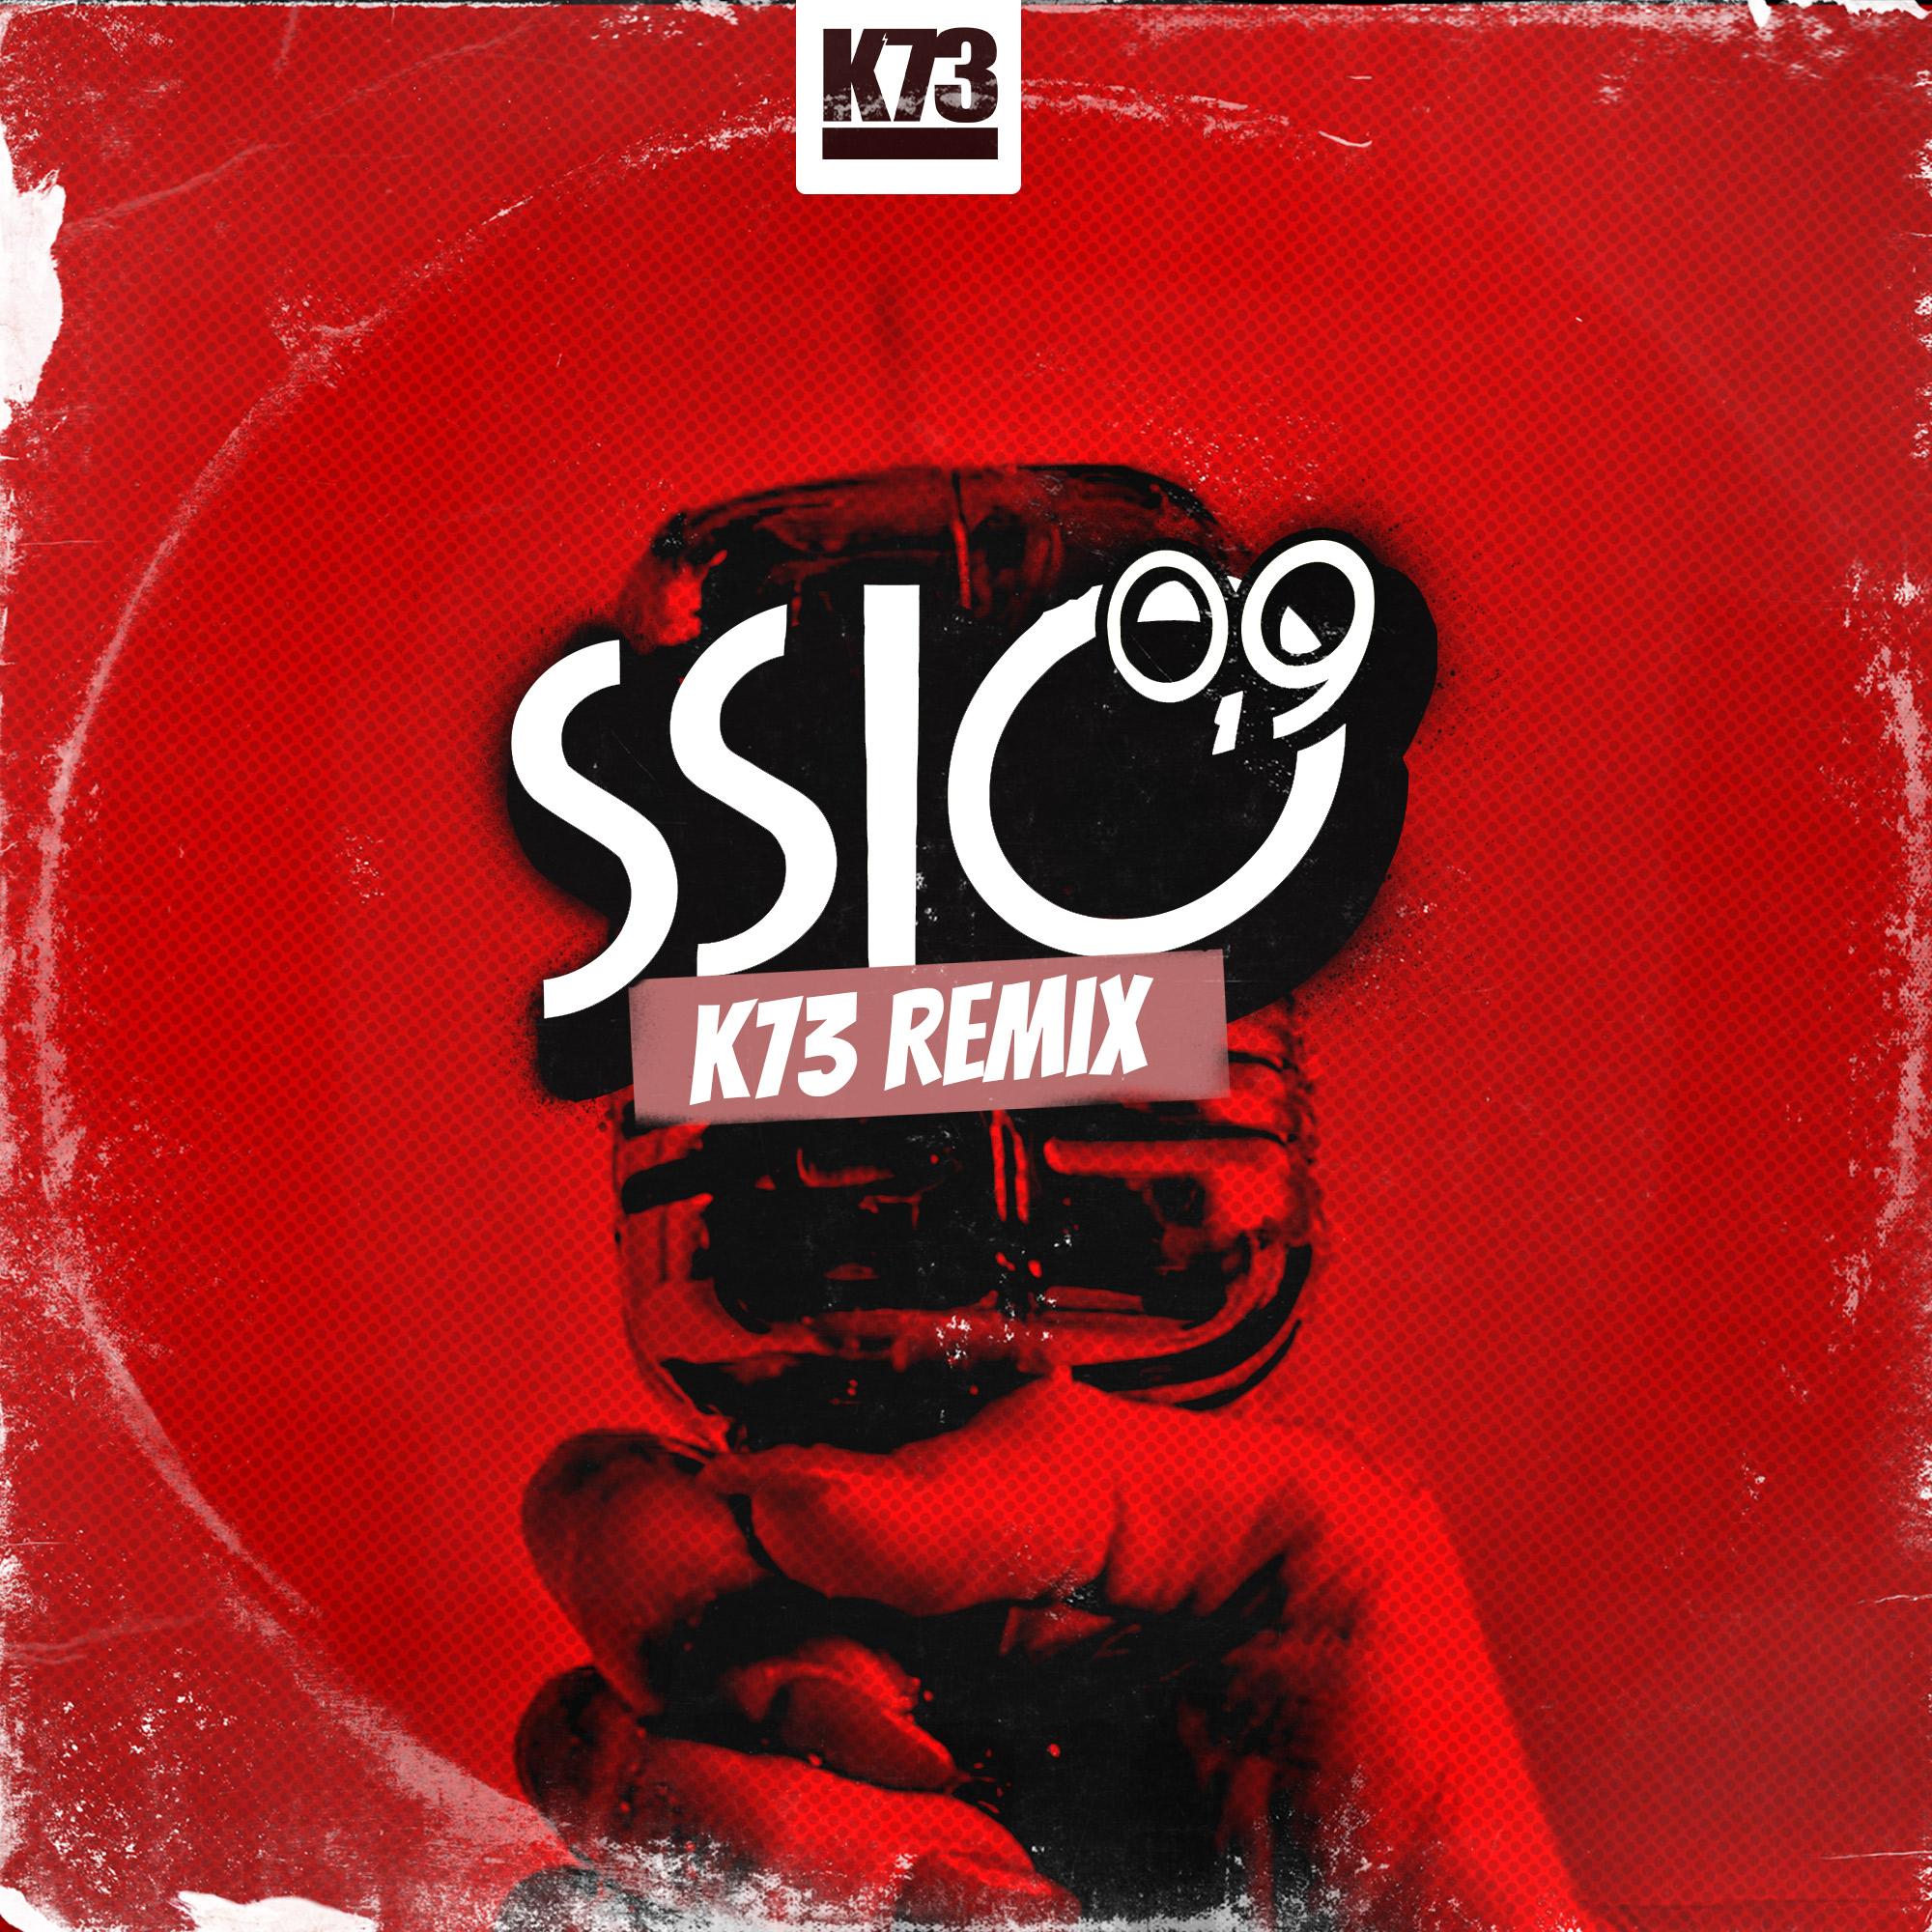 ssio_0,9RMX_cover